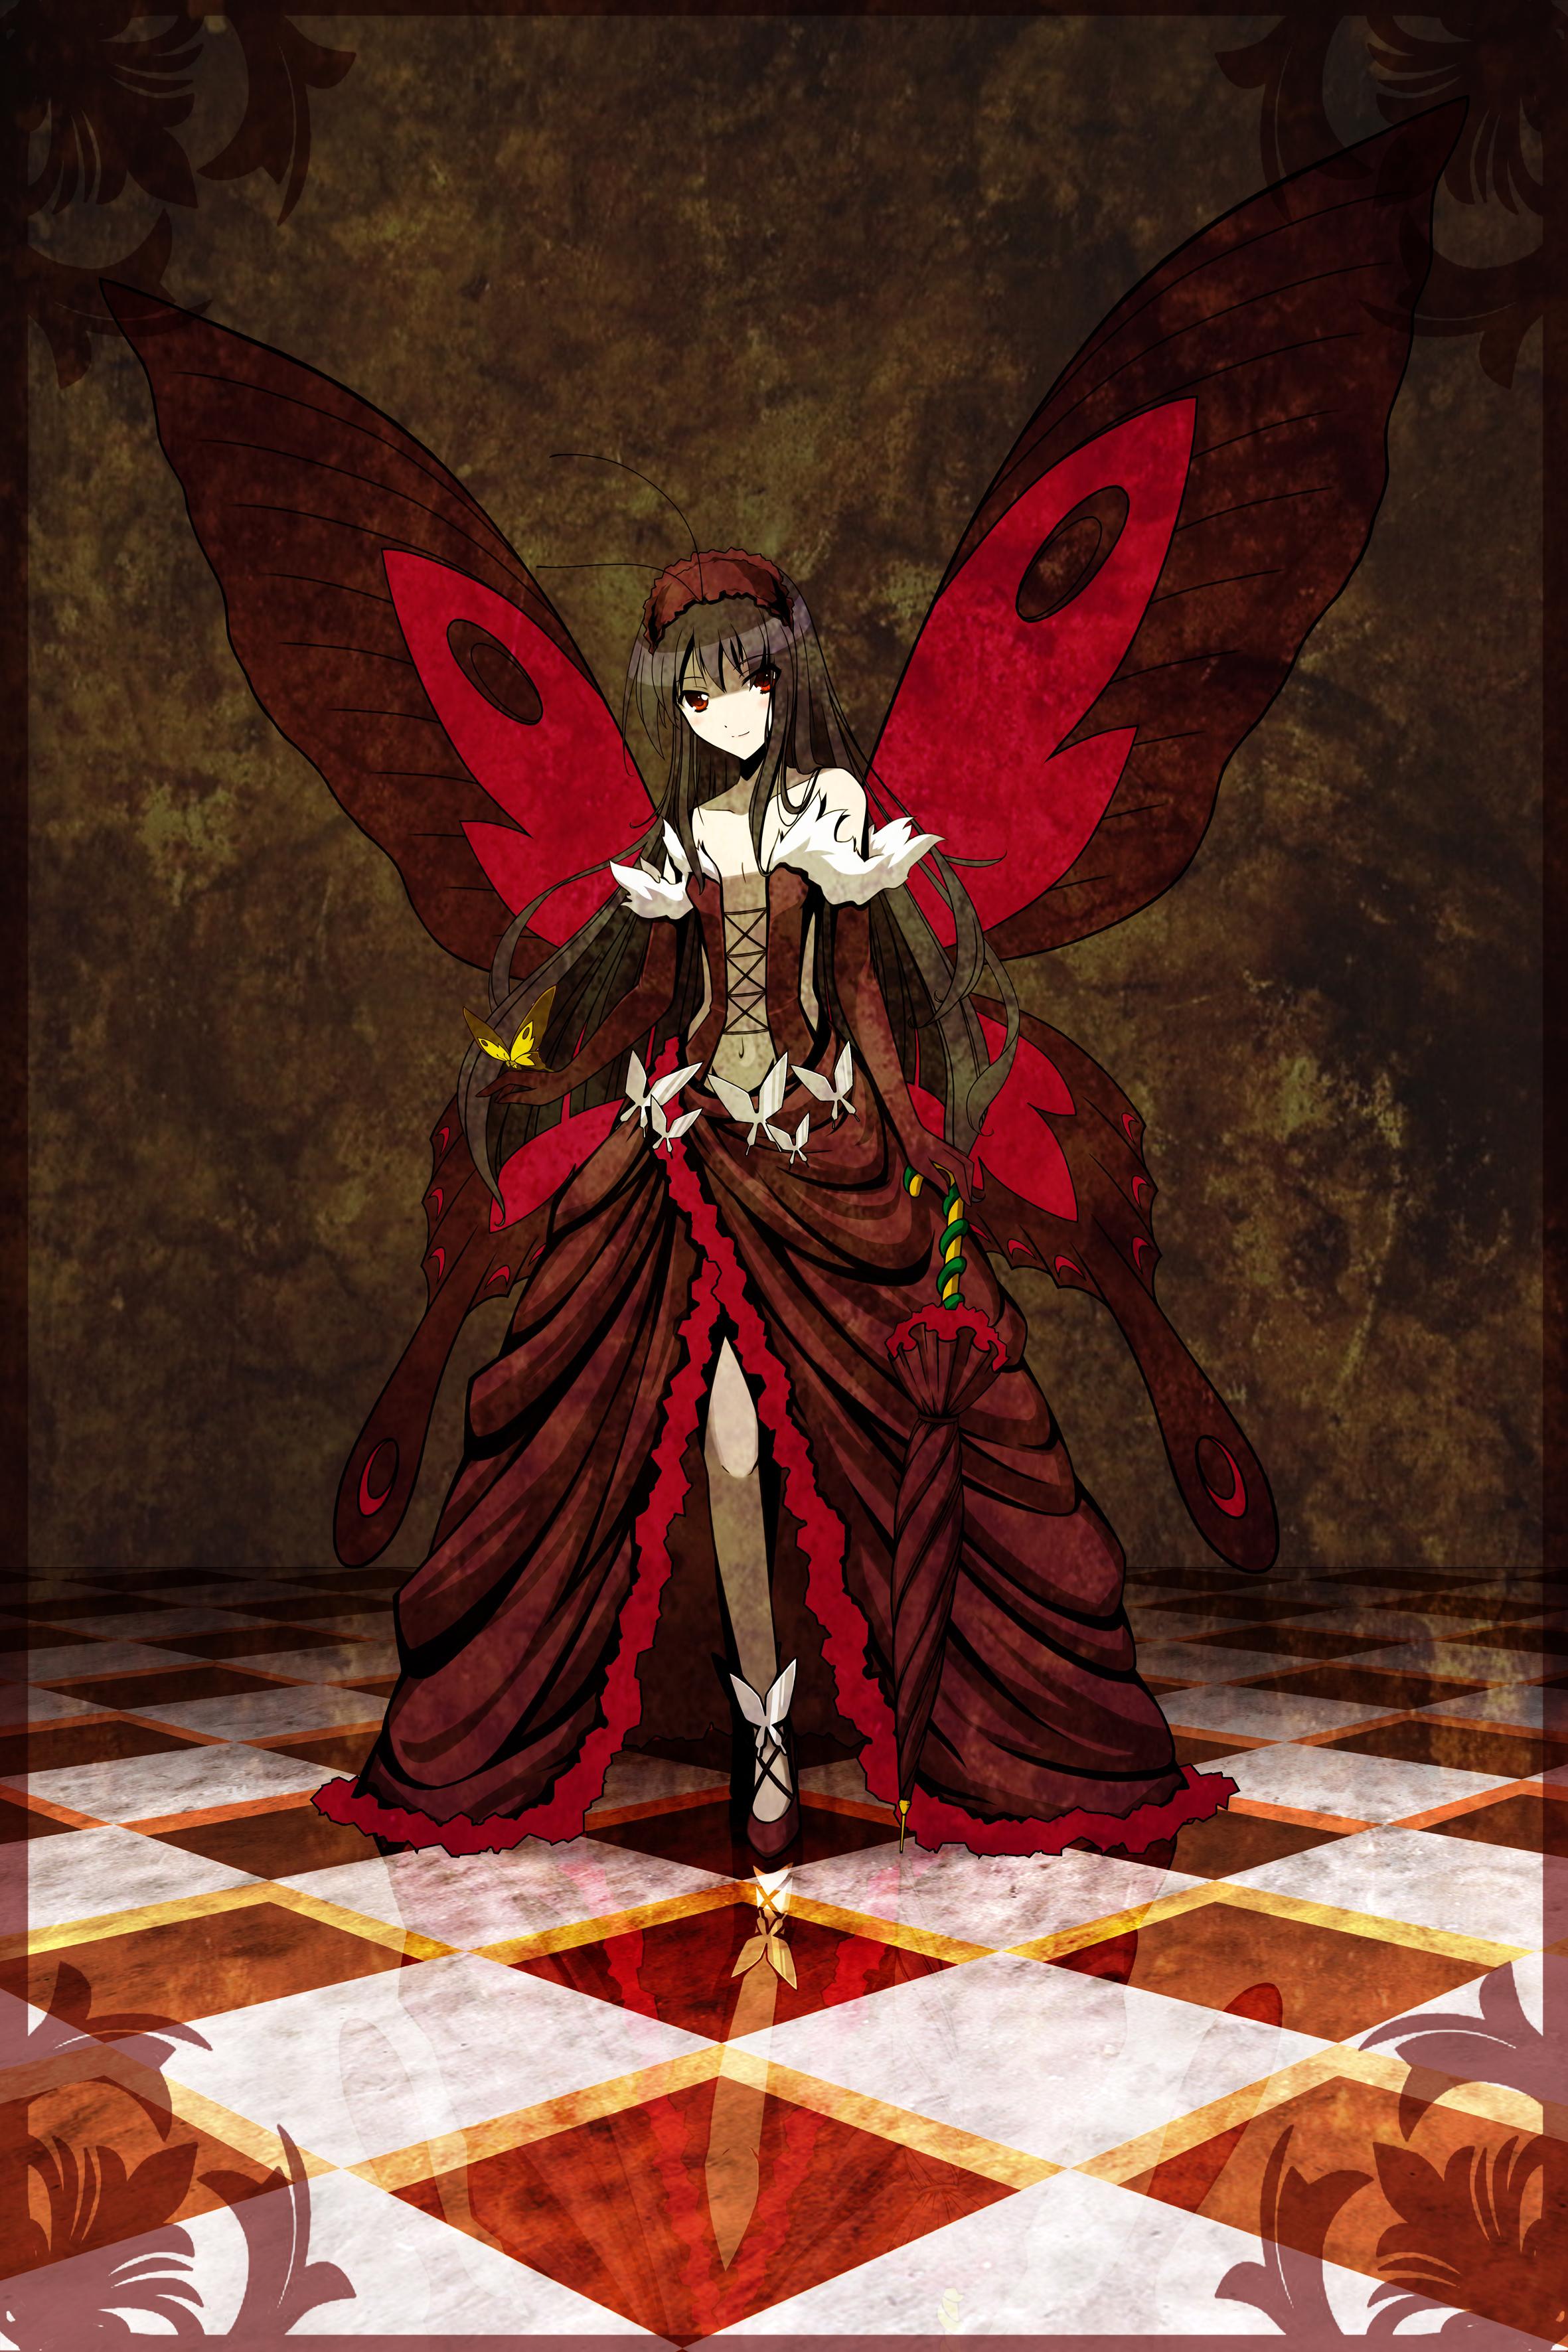 Kuroyukihime Butterfly Drawing Kuroyukihime Full